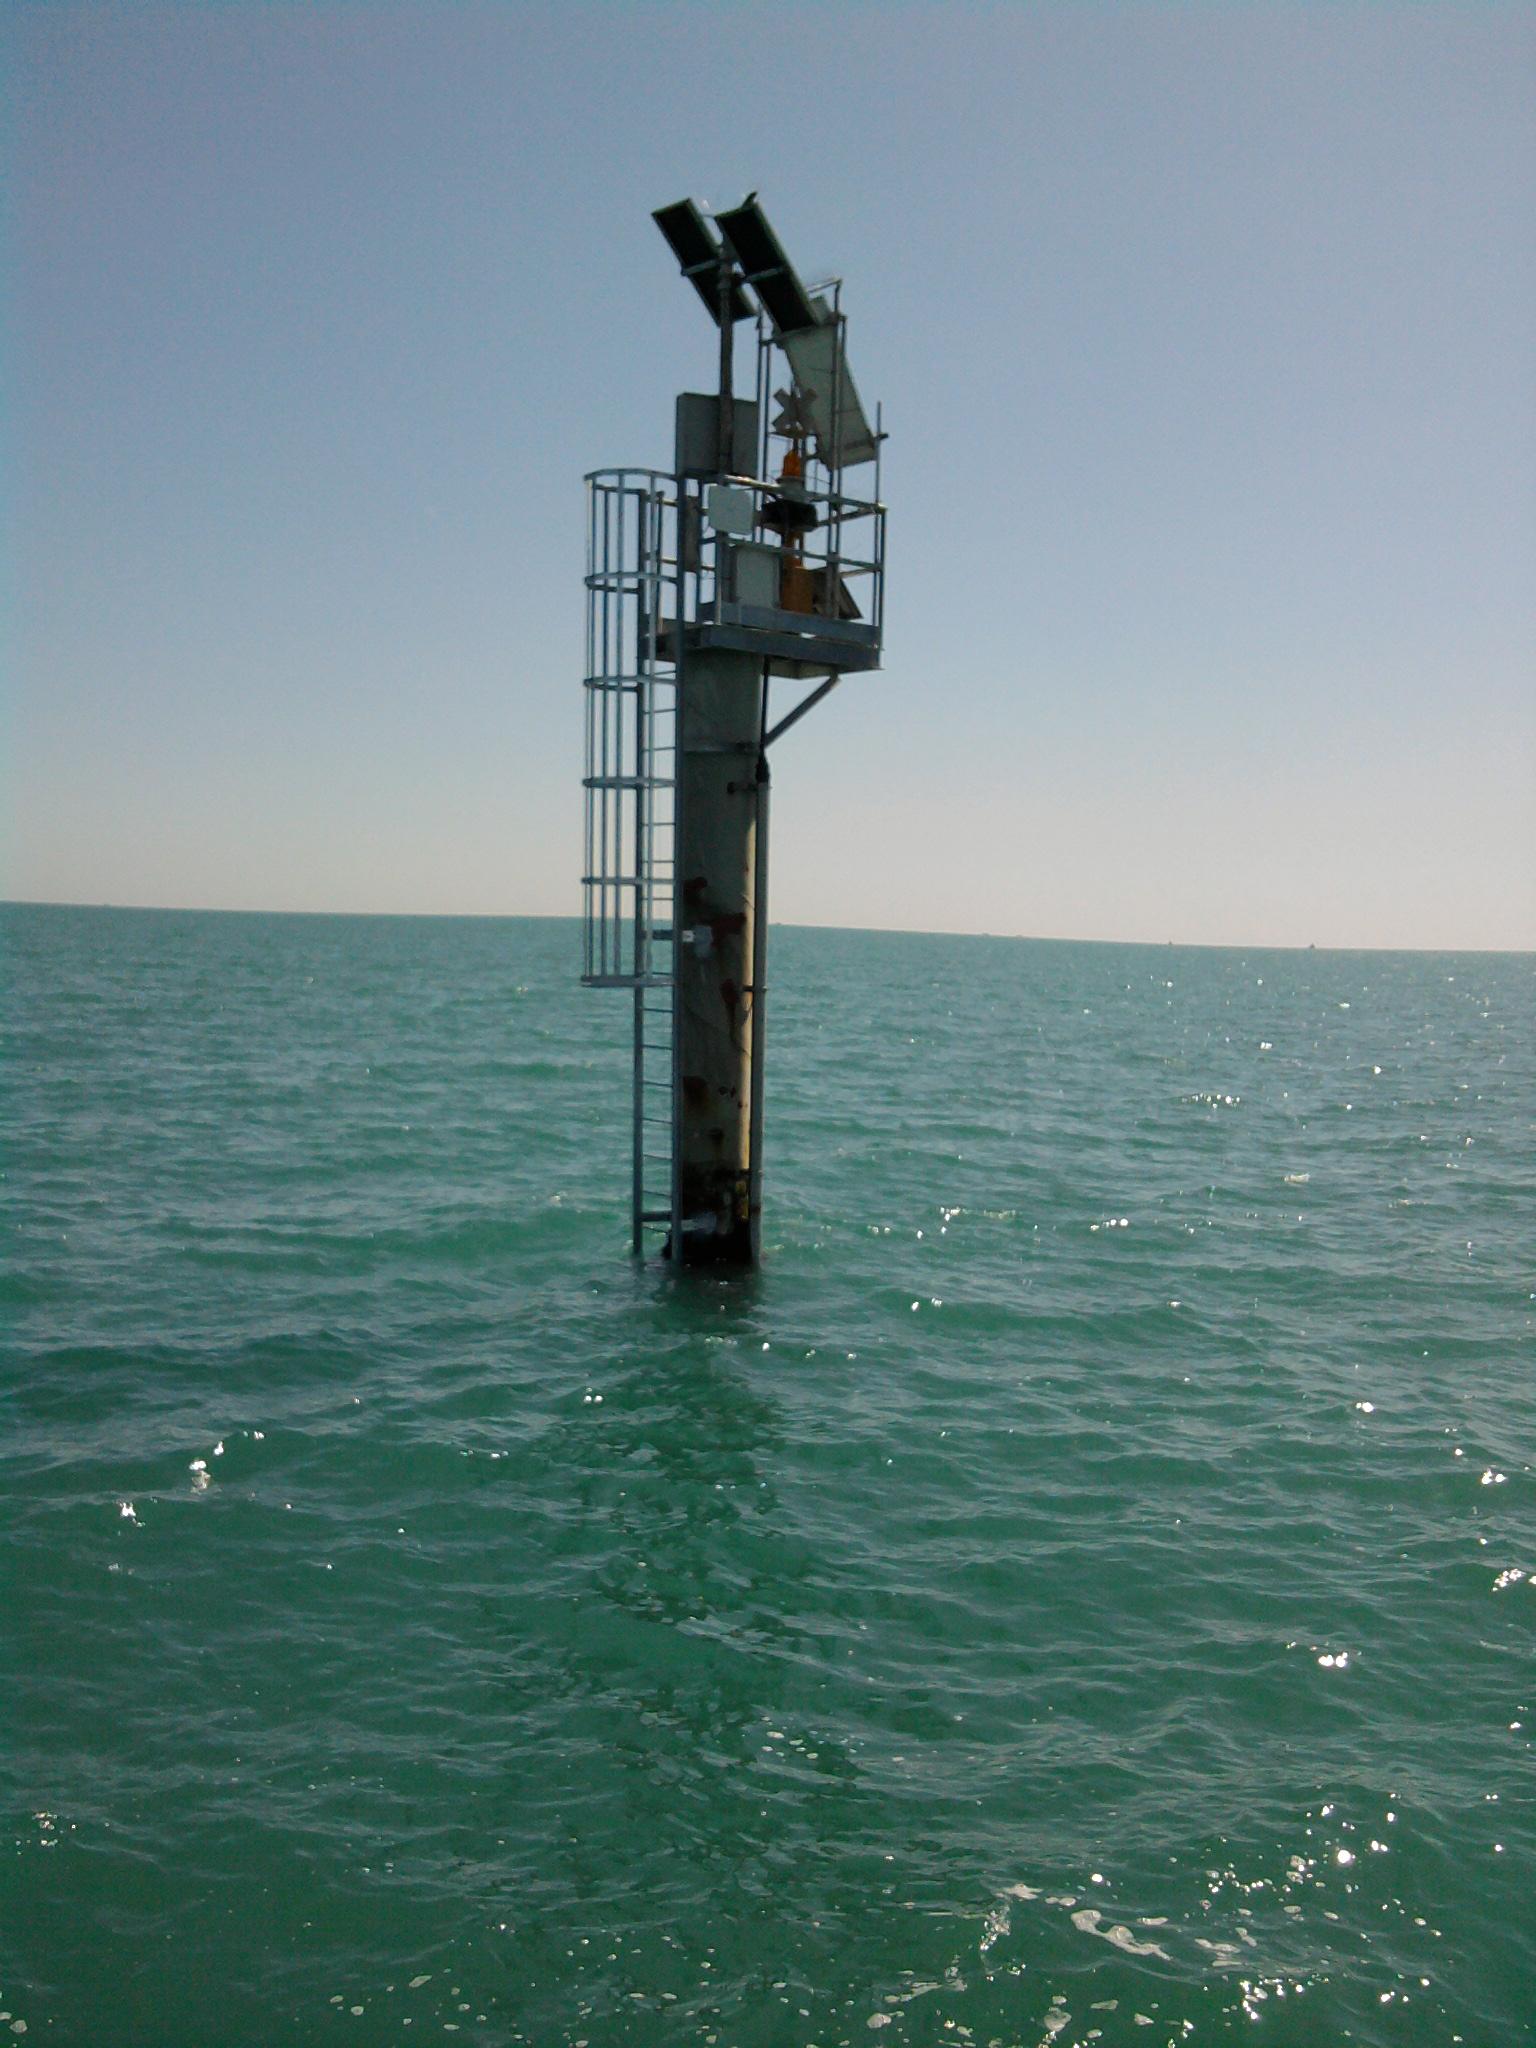 Apparecchi per rilievi mareografici